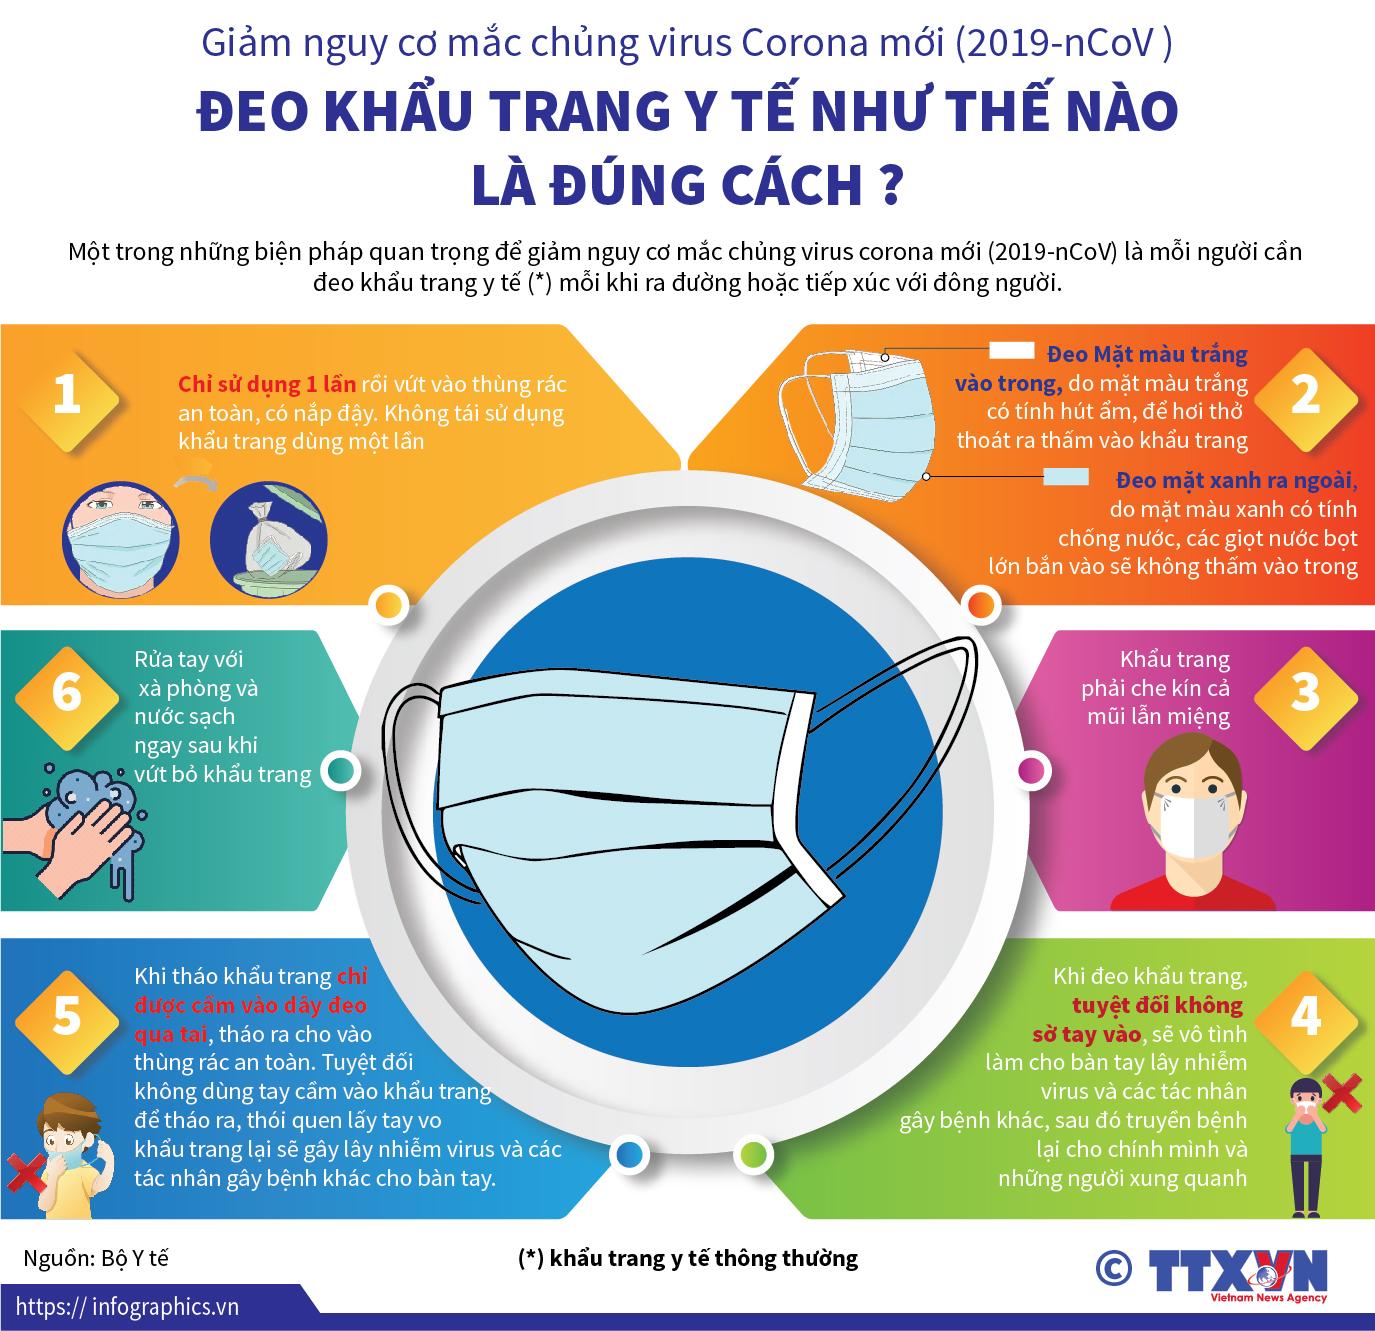 Đeo khẩu trang y tế đúng cách chung tay bảo vệ sức khỏe cộng đồng